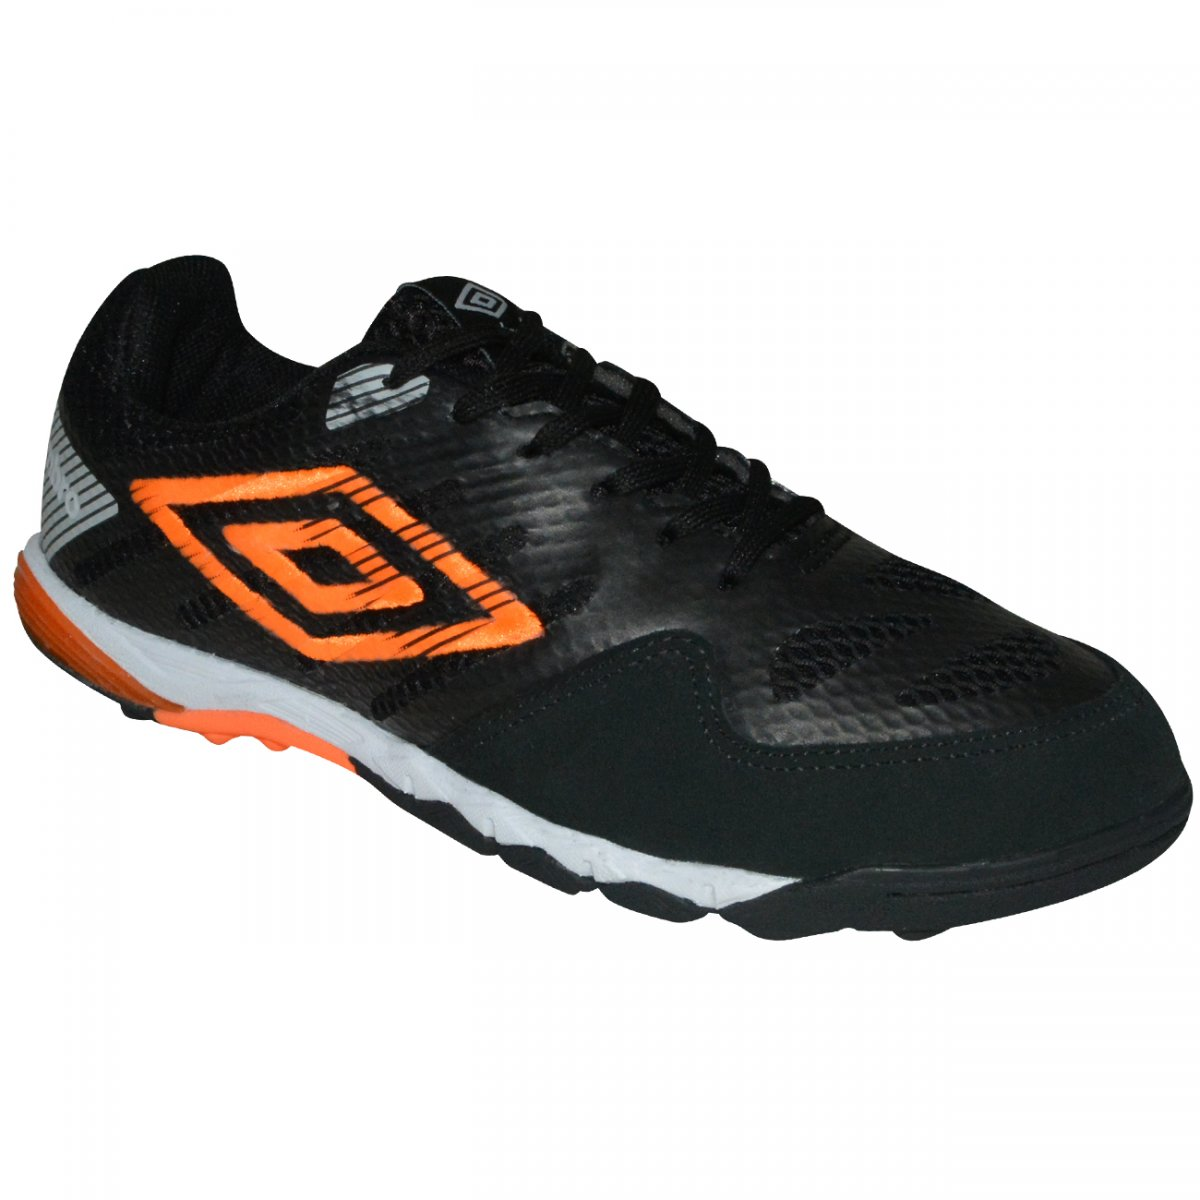 dc60979a2 Chuteira Society Umbro Pro IV 801385 - Preto/laranja/prata - Chuteira Nike,  Adidas. Sandalias Femininas. Sandy Calçados